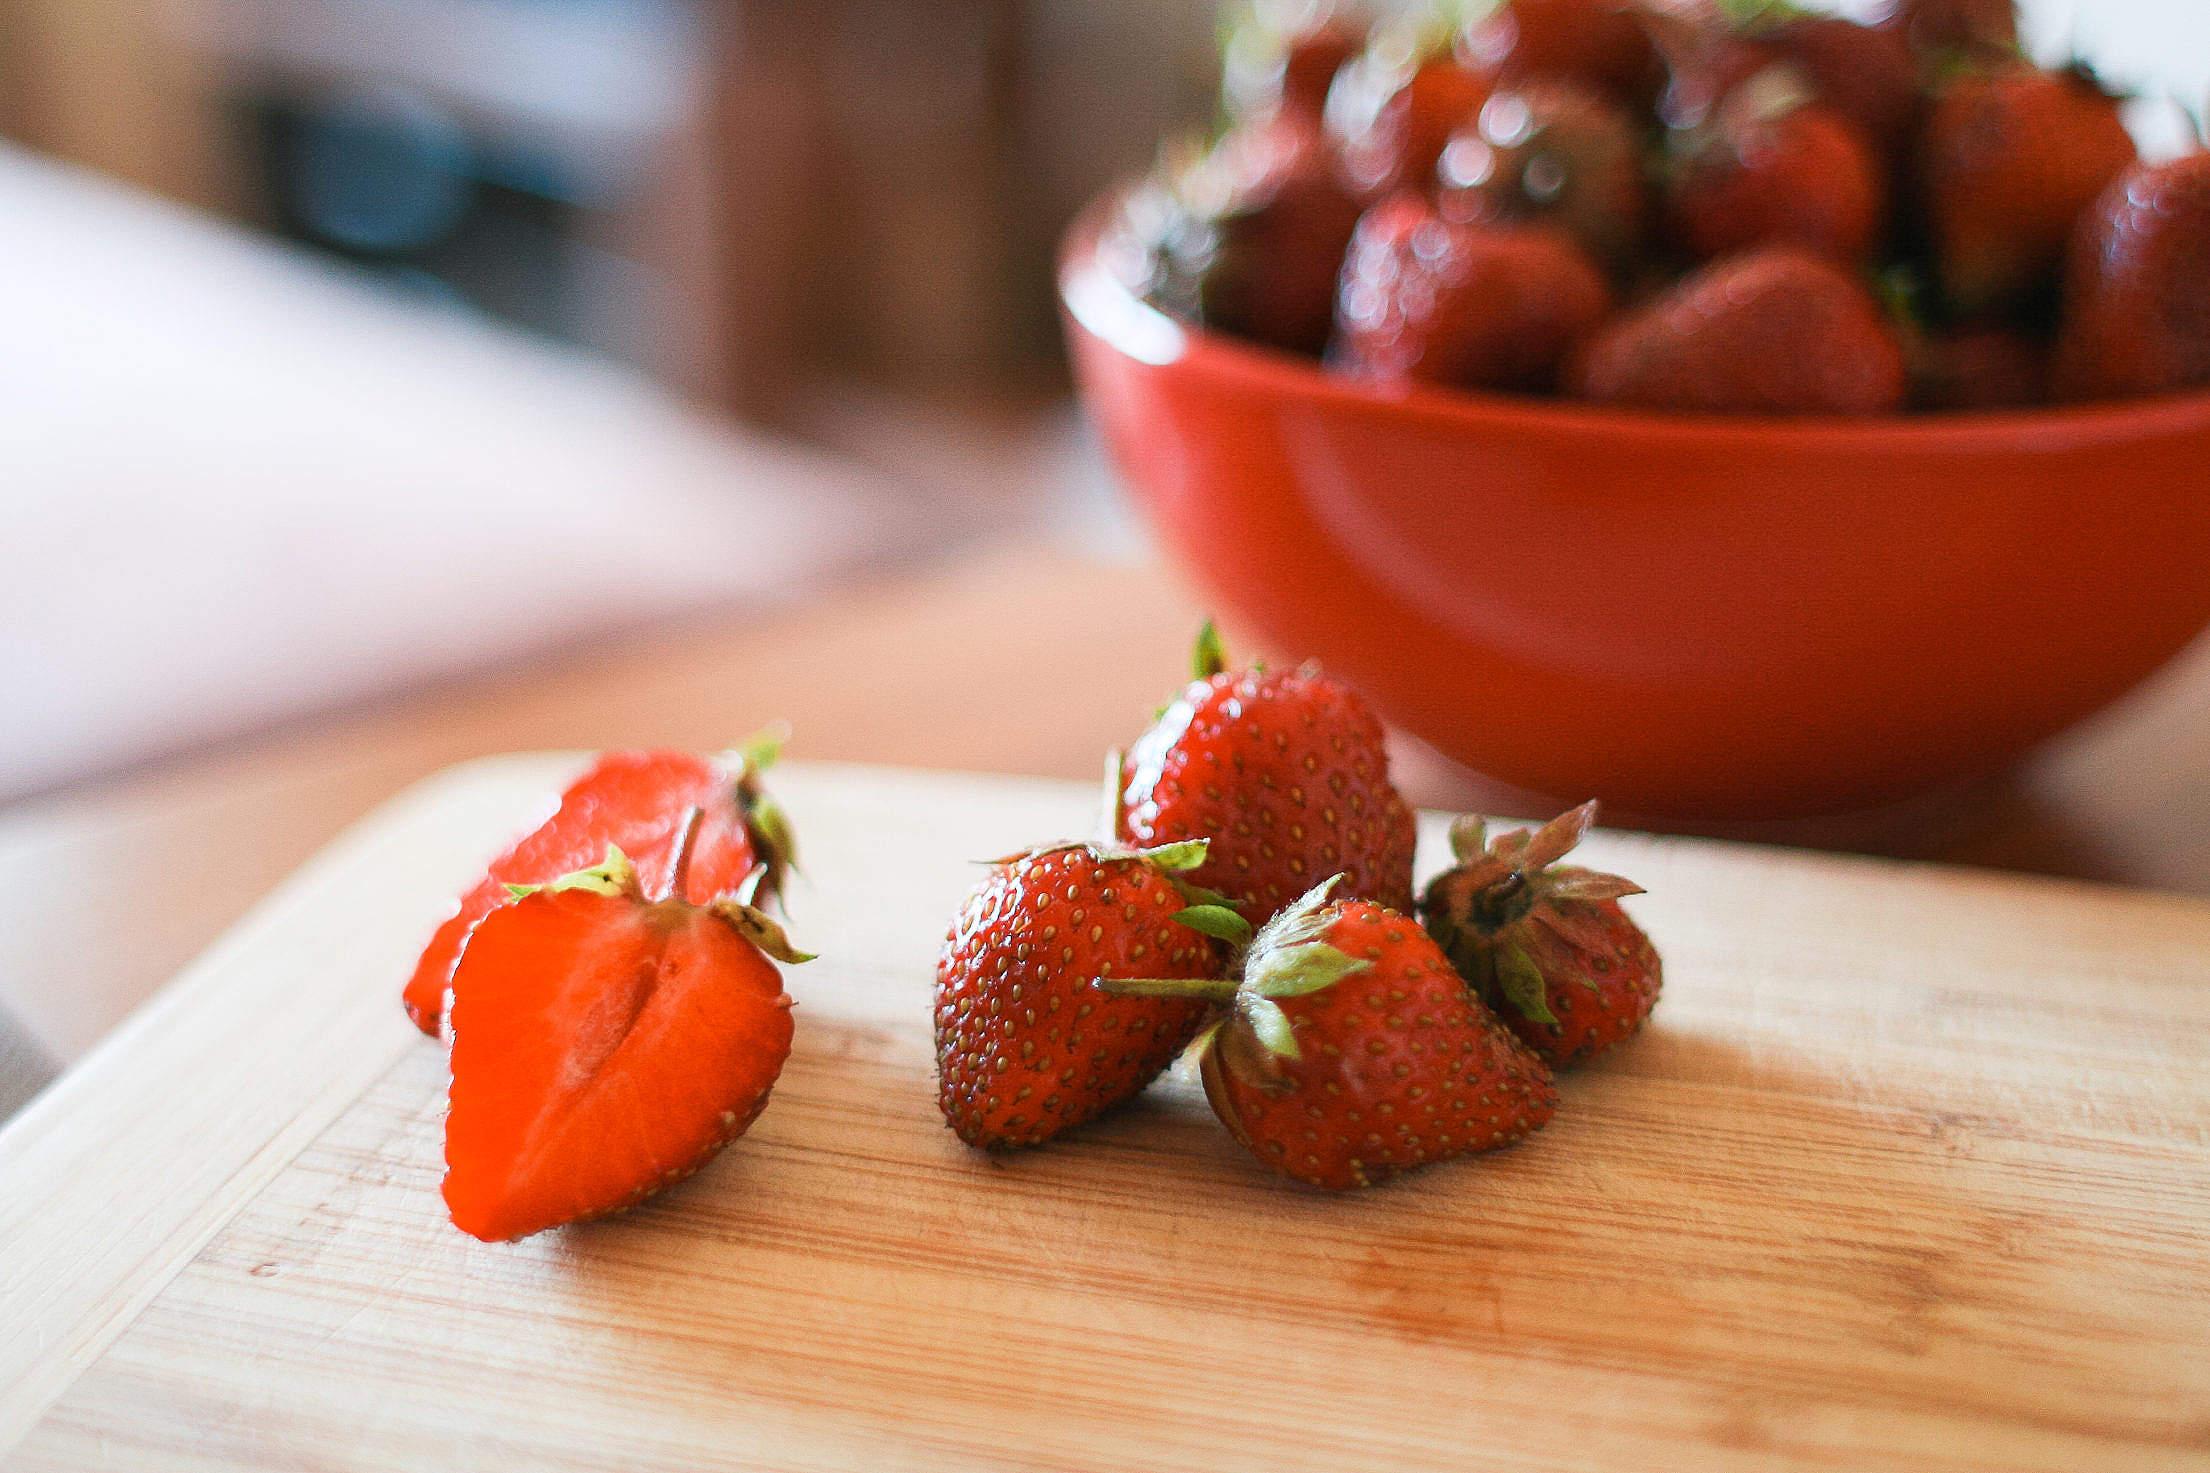 Yummy Strawberries Free Stock Photo